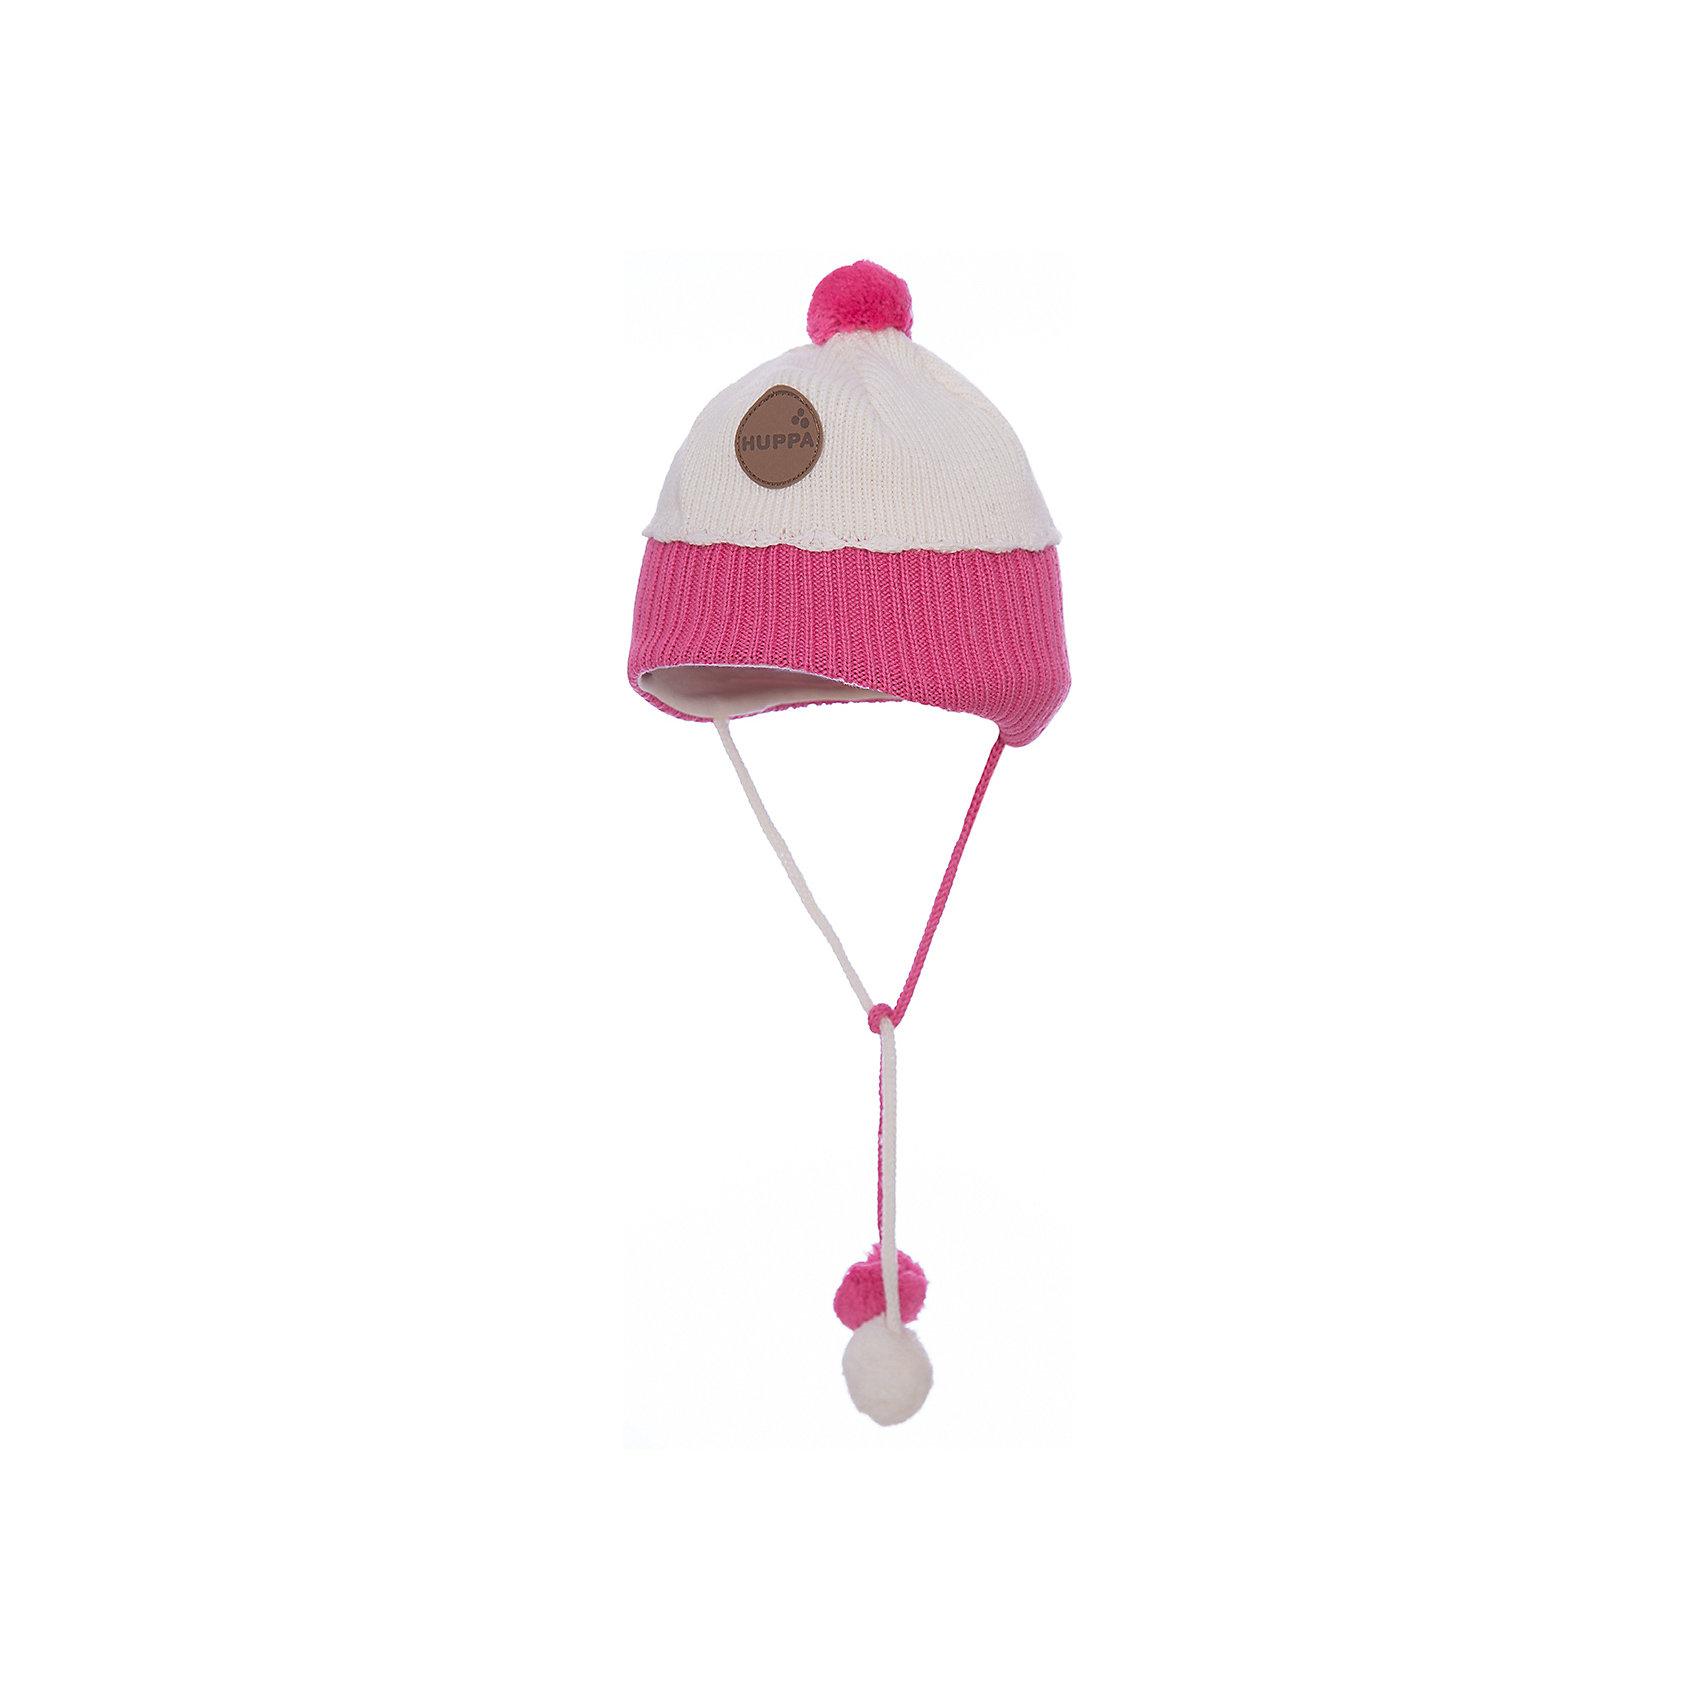 Шапка для девочки HuppaГоловные уборы<br>Зимняя вязаная двухцветная шапка для малышей. Для удобства ношения у шапки приятная подкладка из хлопкового трикотажа, наружная часть из смеси 50% мериносовой шерсти и 50% акриловой пряжи. Более интересной шапку делают разноцветные ленты с помпонами, при помощи которых шапку можно завязать и защитить уши от холода, а также кружева в разрезе. <br><br><br><br>Шапку для девочки Huppa (Хуппа) можно купить в нашем магазине.<br><br>Ширина мм: 89<br>Глубина мм: 117<br>Высота мм: 44<br>Вес г: 155<br>Цвет: белый<br>Возраст от месяцев: 9<br>Возраст до месяцев: 12<br>Пол: Женский<br>Возраст: Детский<br>Размер: 43-45,47-49,51-53<br>SKU: 4242924